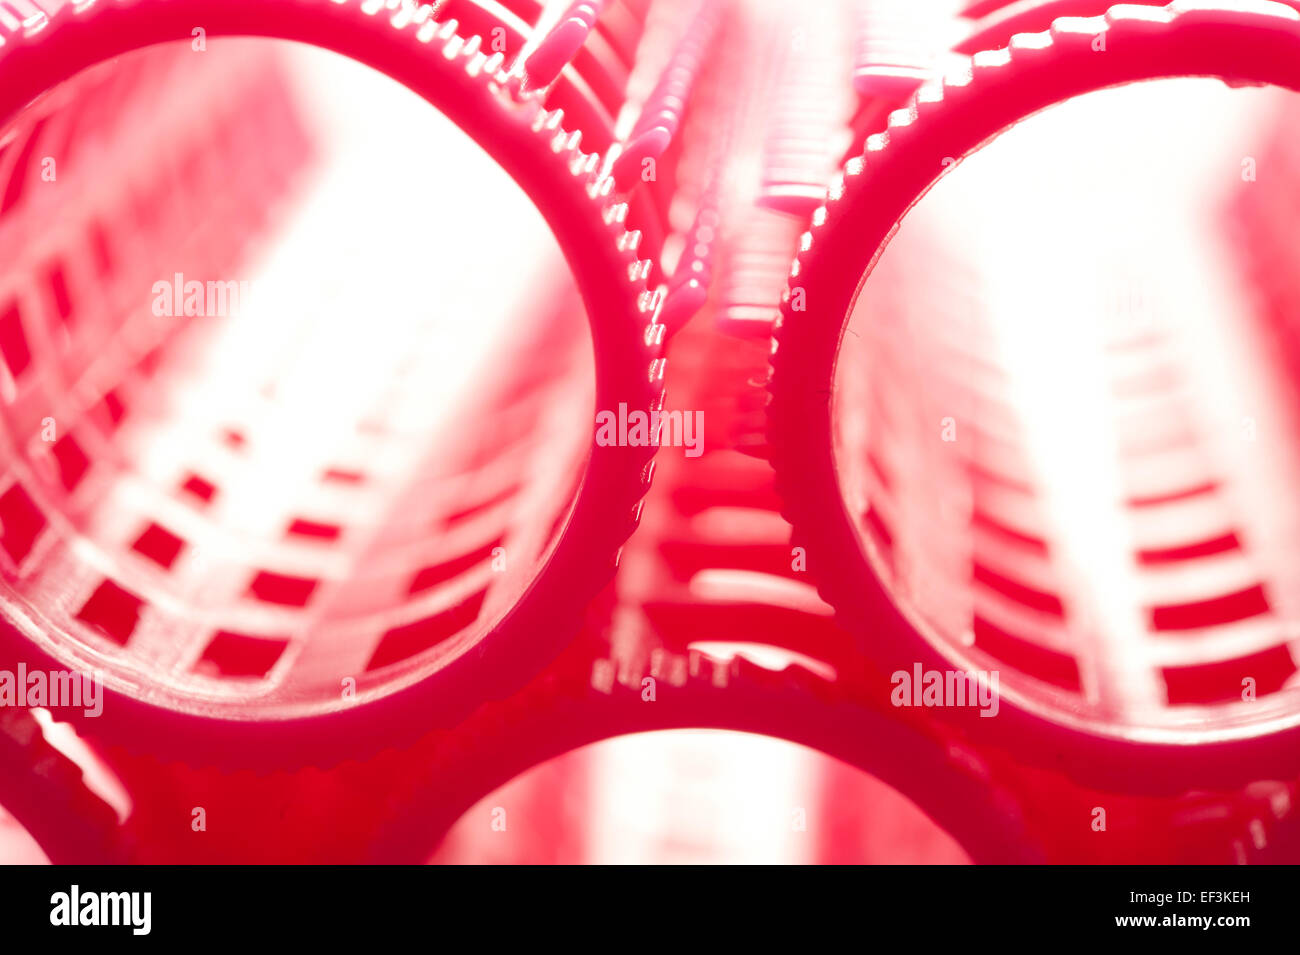 Résumé fond rose de fers à friser Photo Stock